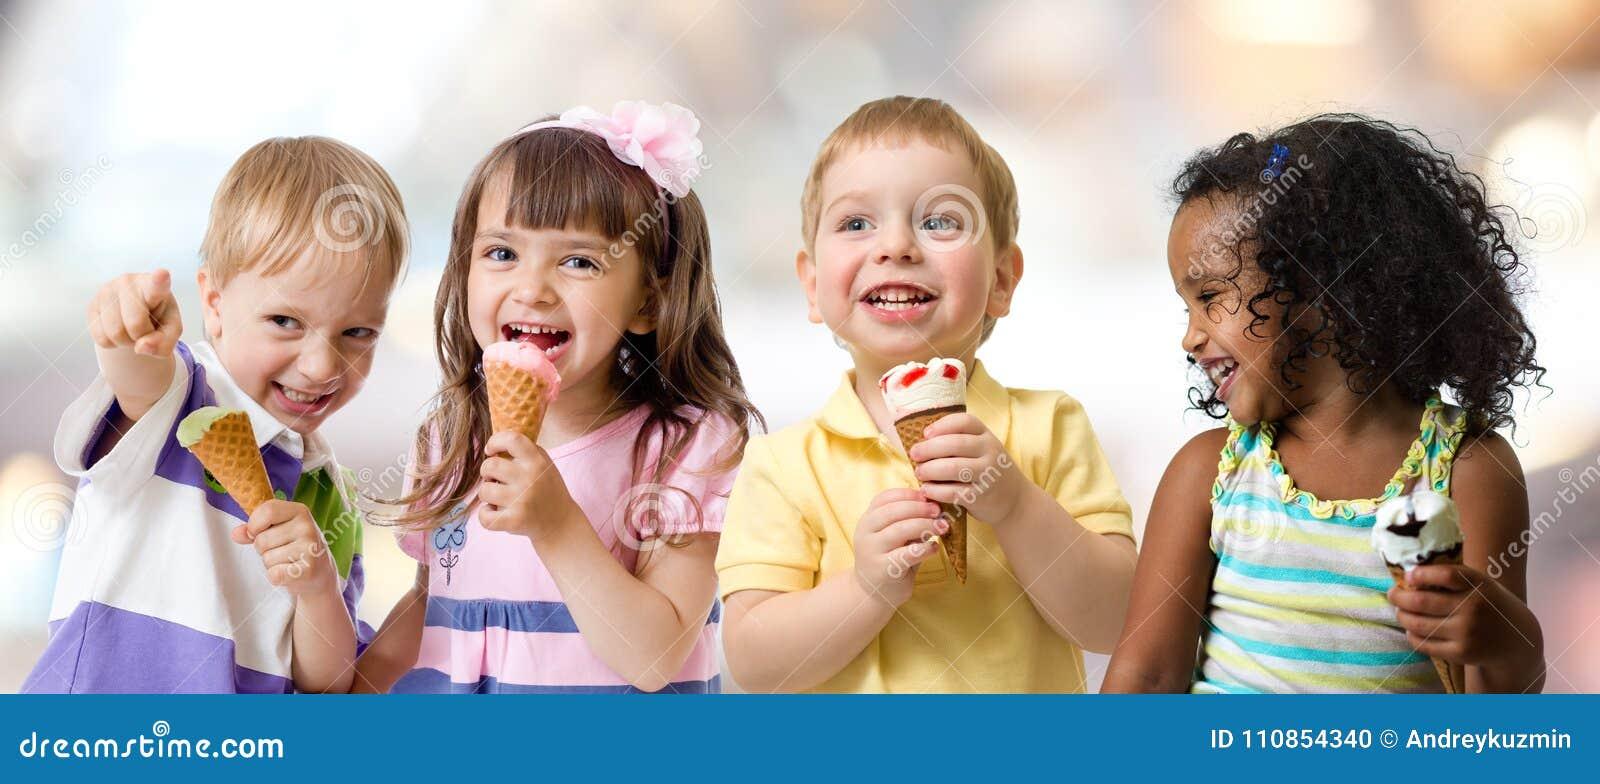 Glückliche Kinder gruppieren das Essen der Eiscreme an einer Partei im Café